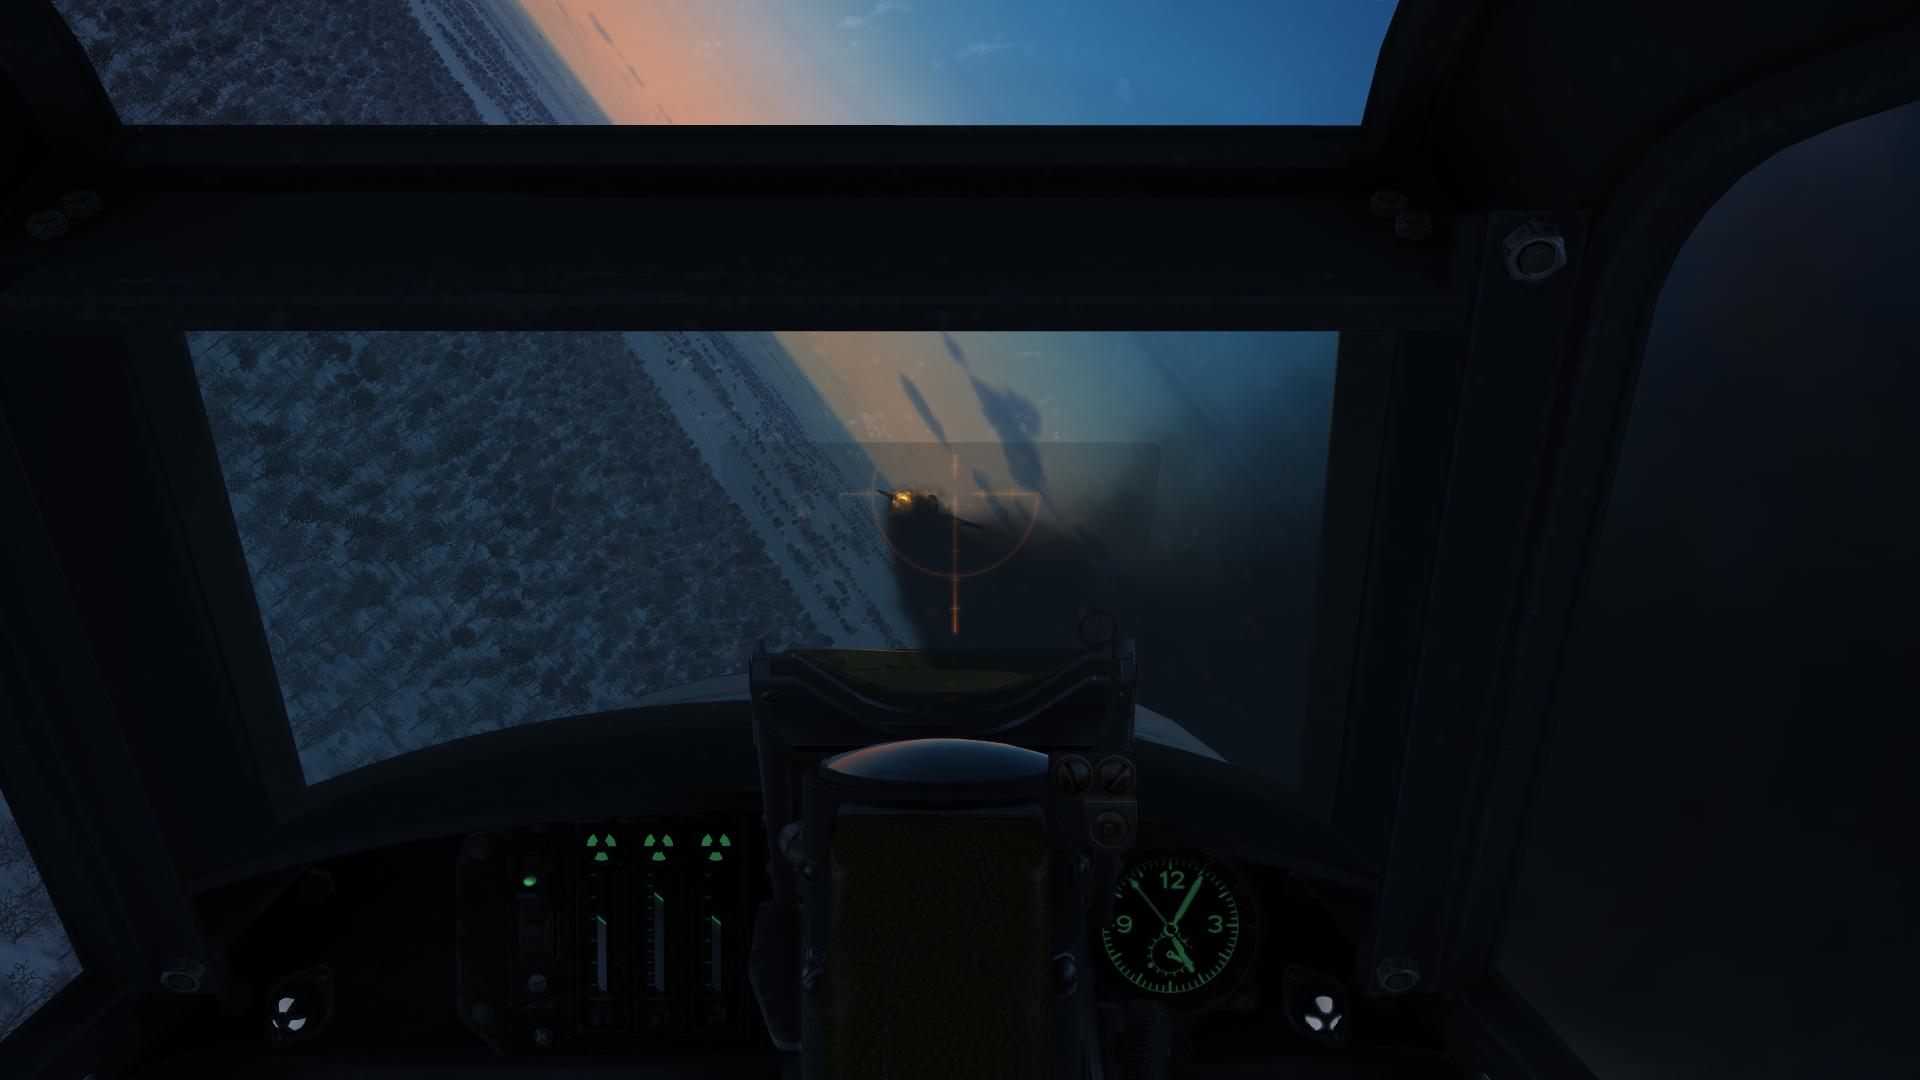 IL-2 Sturmovik Battle of Stalingrad Screenshot 2020.04.26 - 12.25.18.26.png